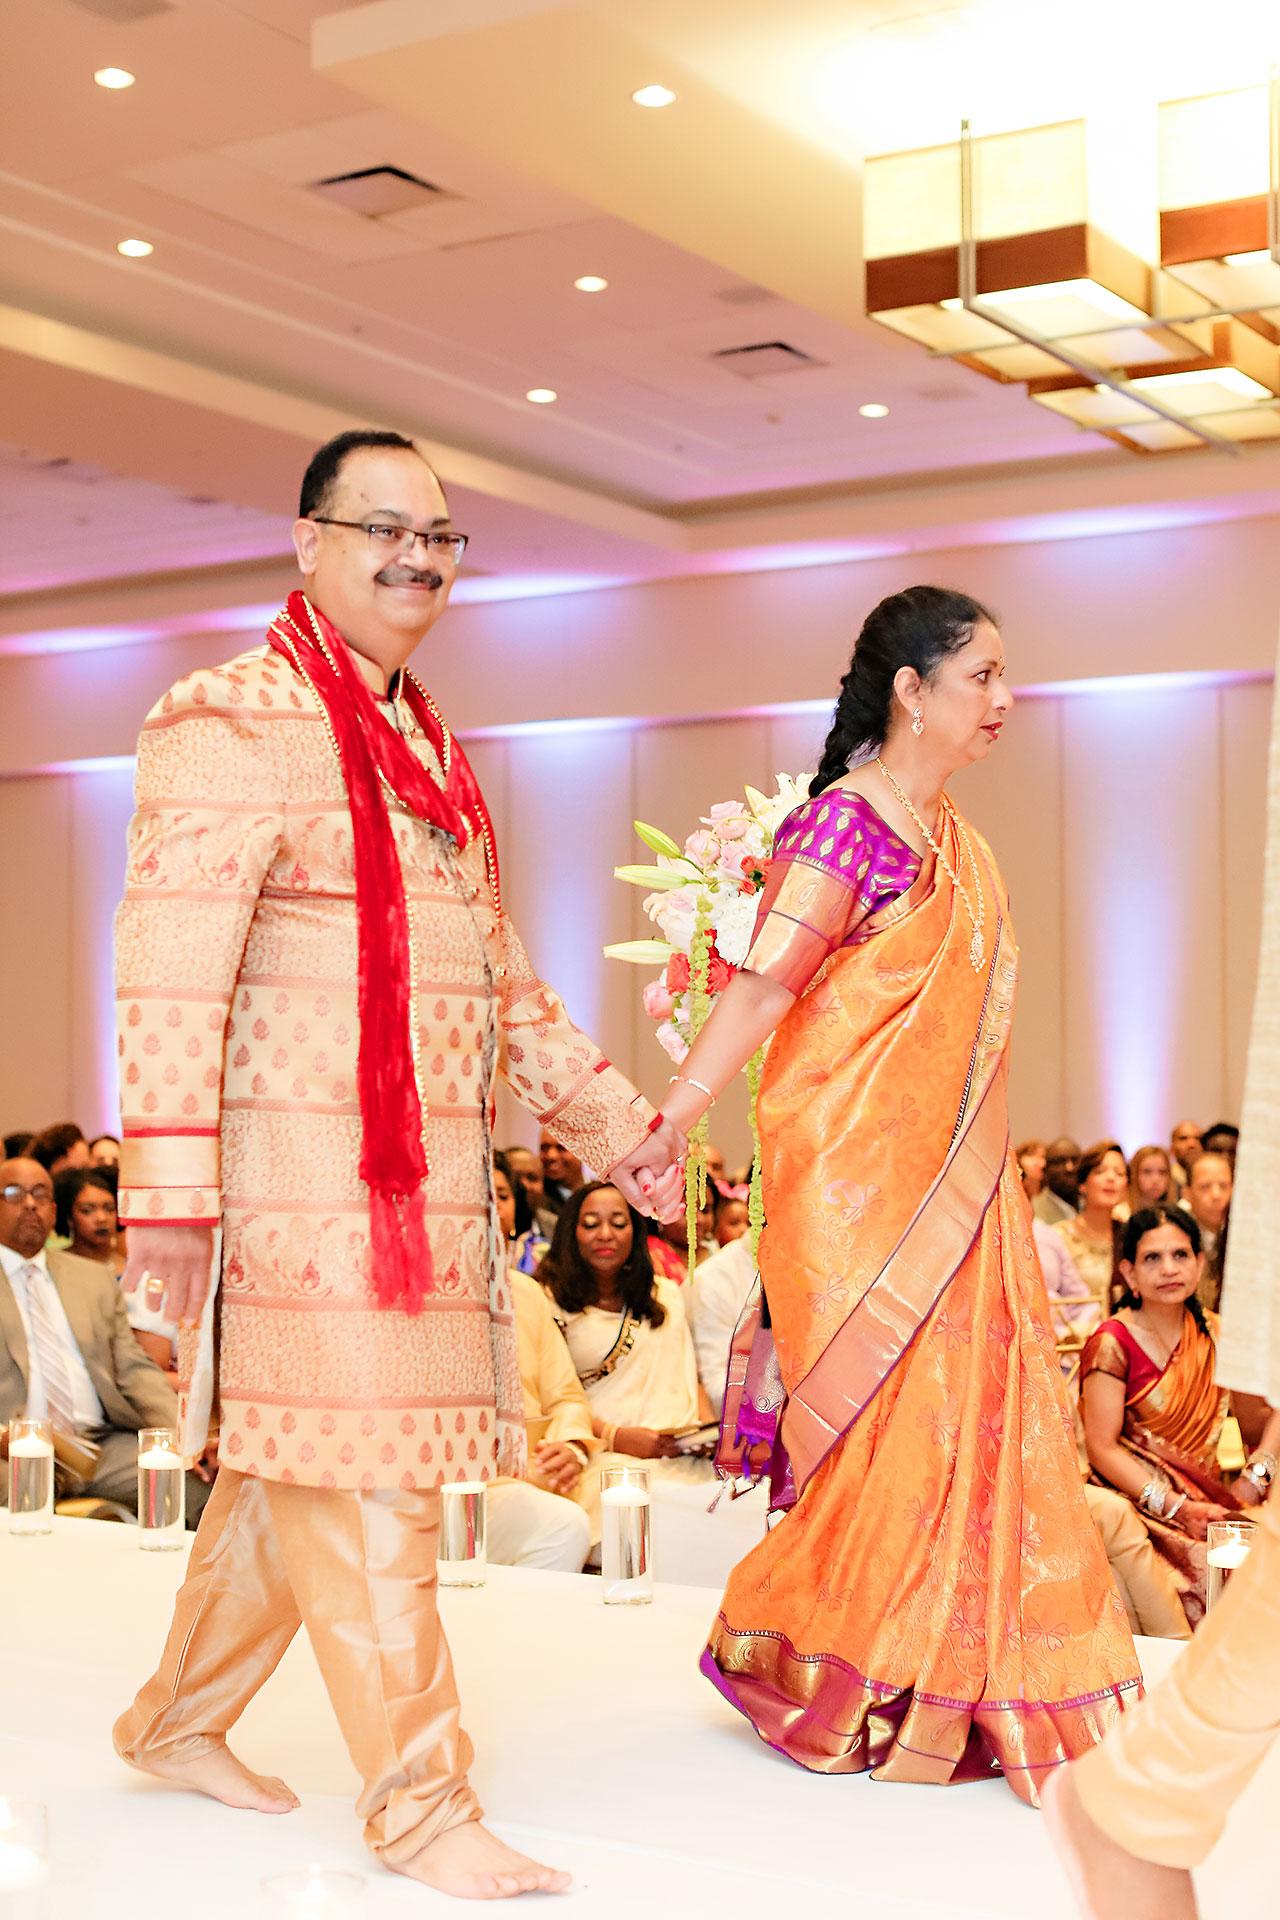 Joie Nikhil JW Marriott Indian Wedding 237